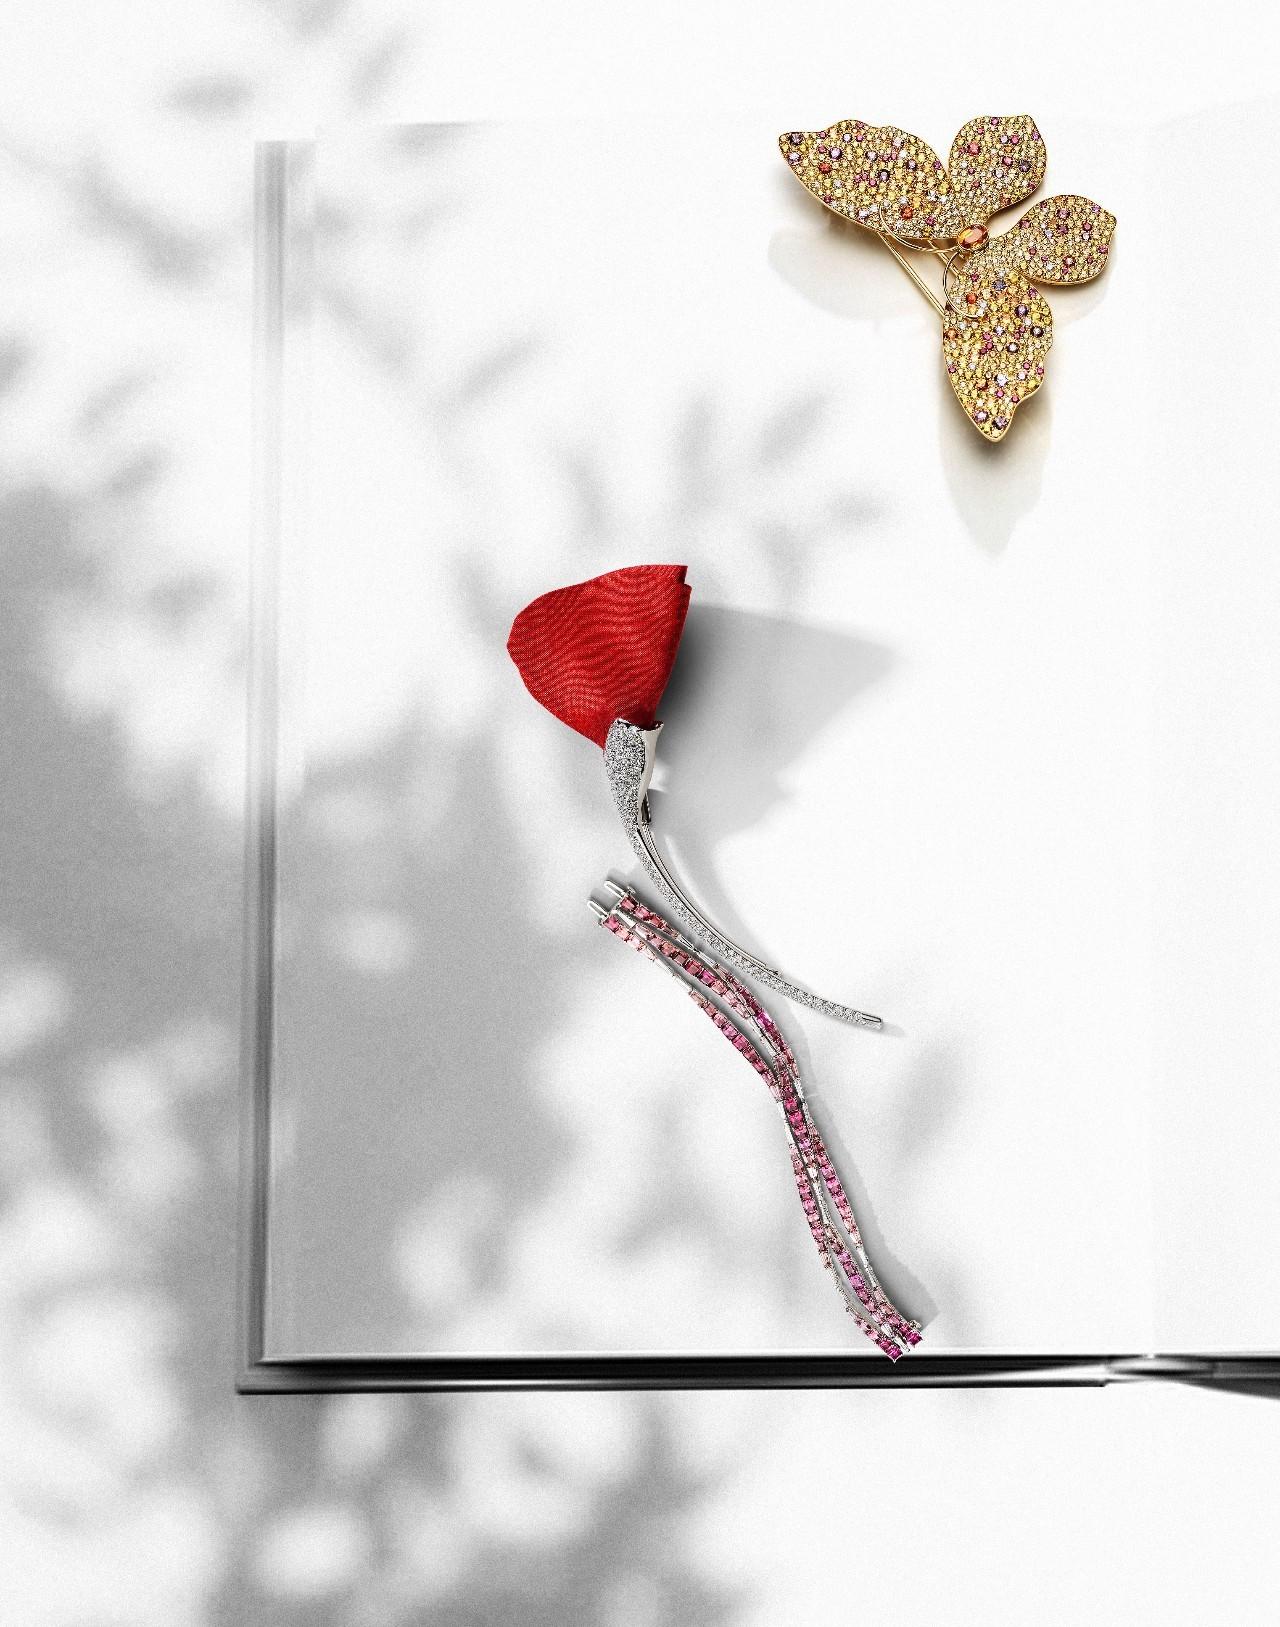 百宝箱 | 秋影下的稀世珠宝,谱写一首优雅的幻忆之歌